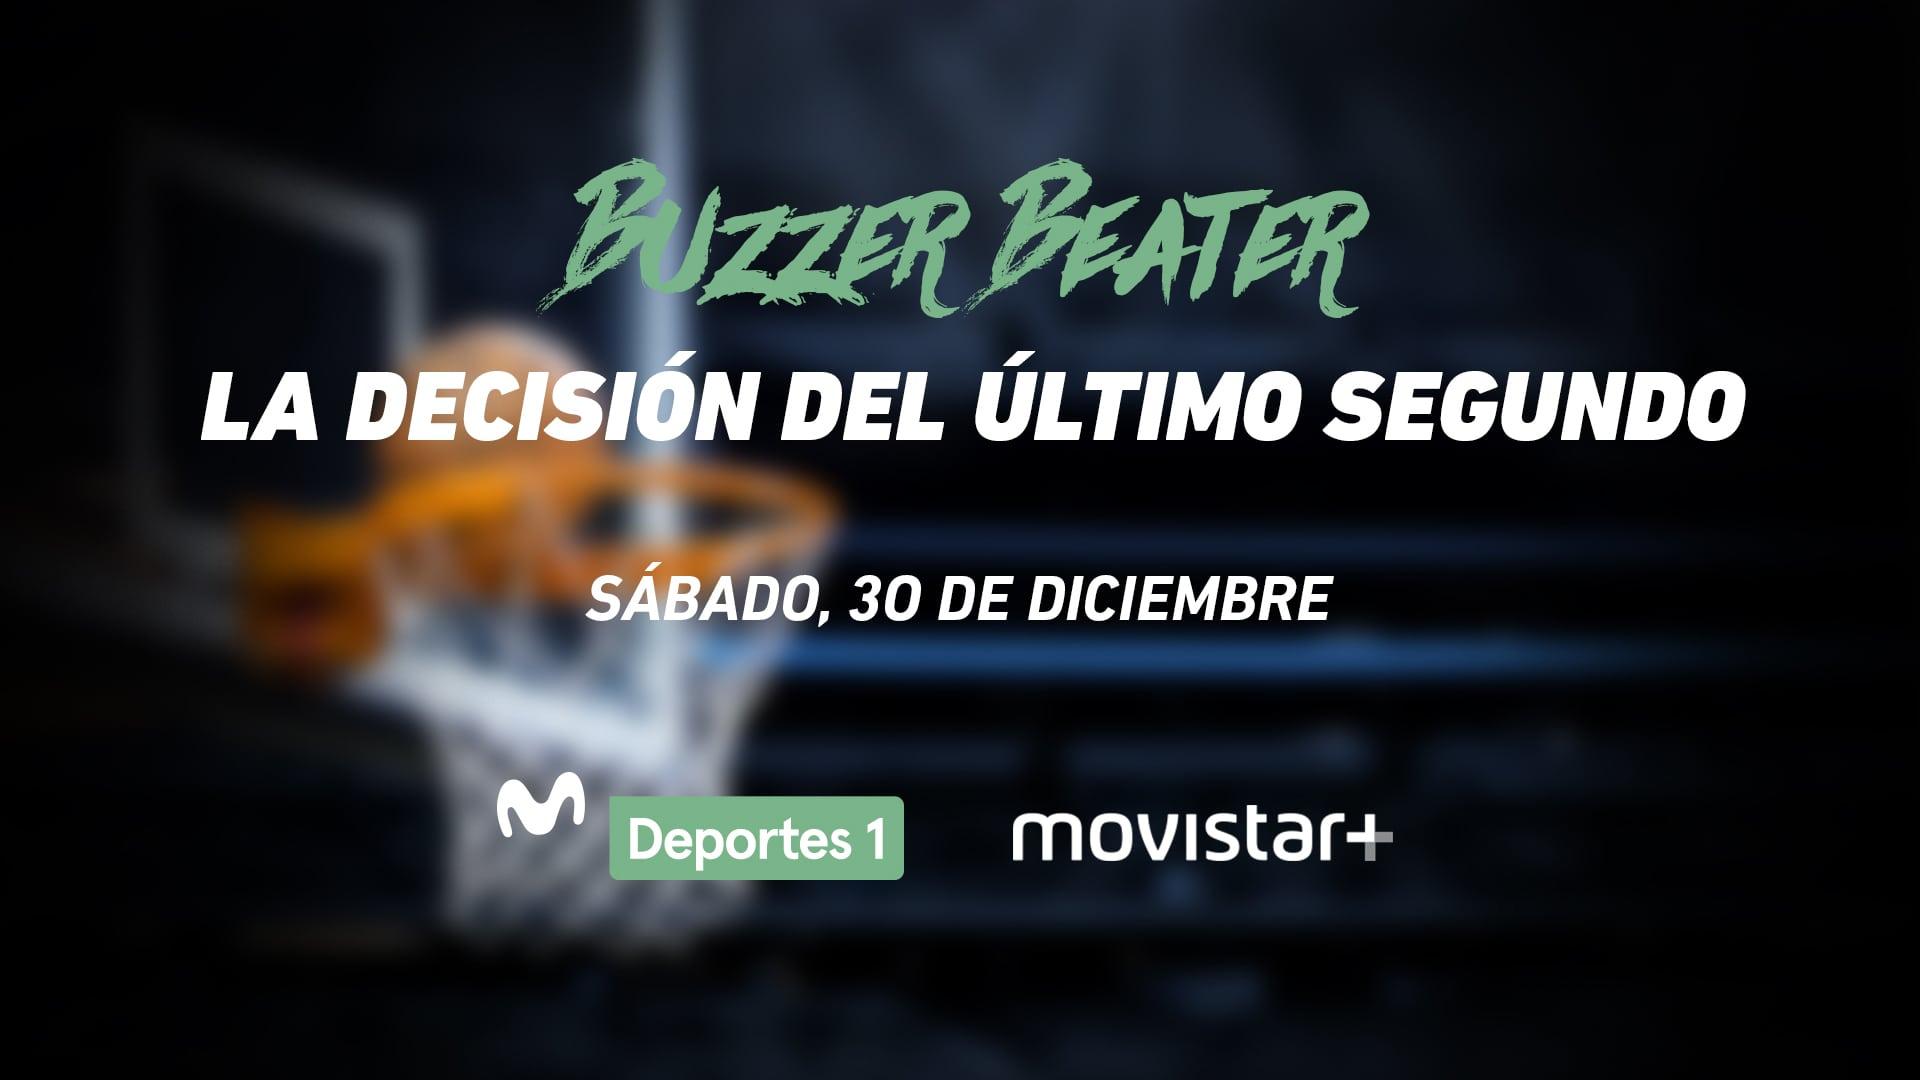 ¿Retirarse o seguir en activo? Savané, protagonista con Montañez y Nocioni de 'Buzzer Beater – La decisión del último segundo'